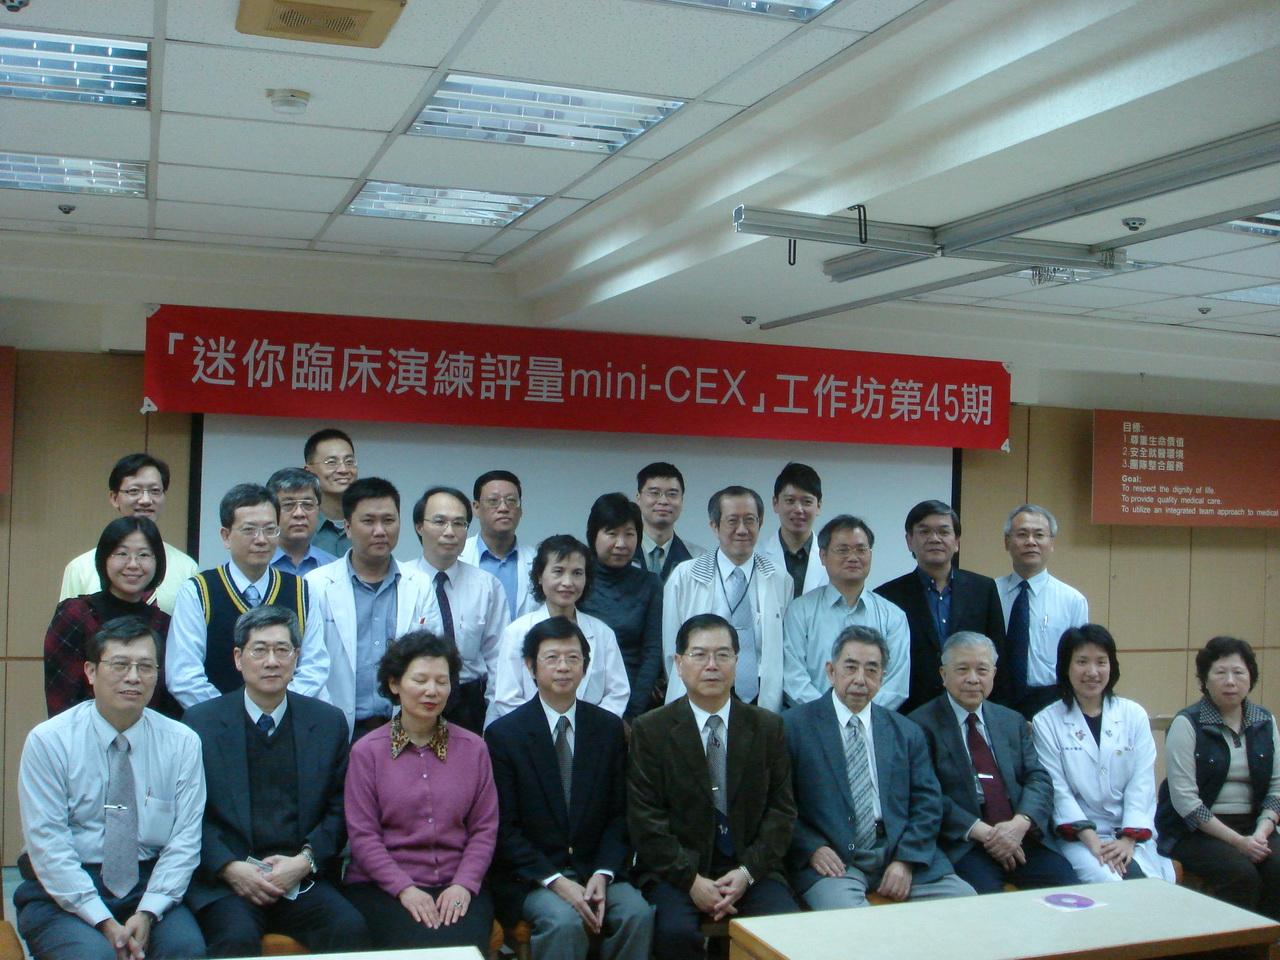 中國醫大衍生企業─醫教諮詢公司致力推廣台灣版「迷你臨床演練評量」提升國內臨床教學及醫療品質